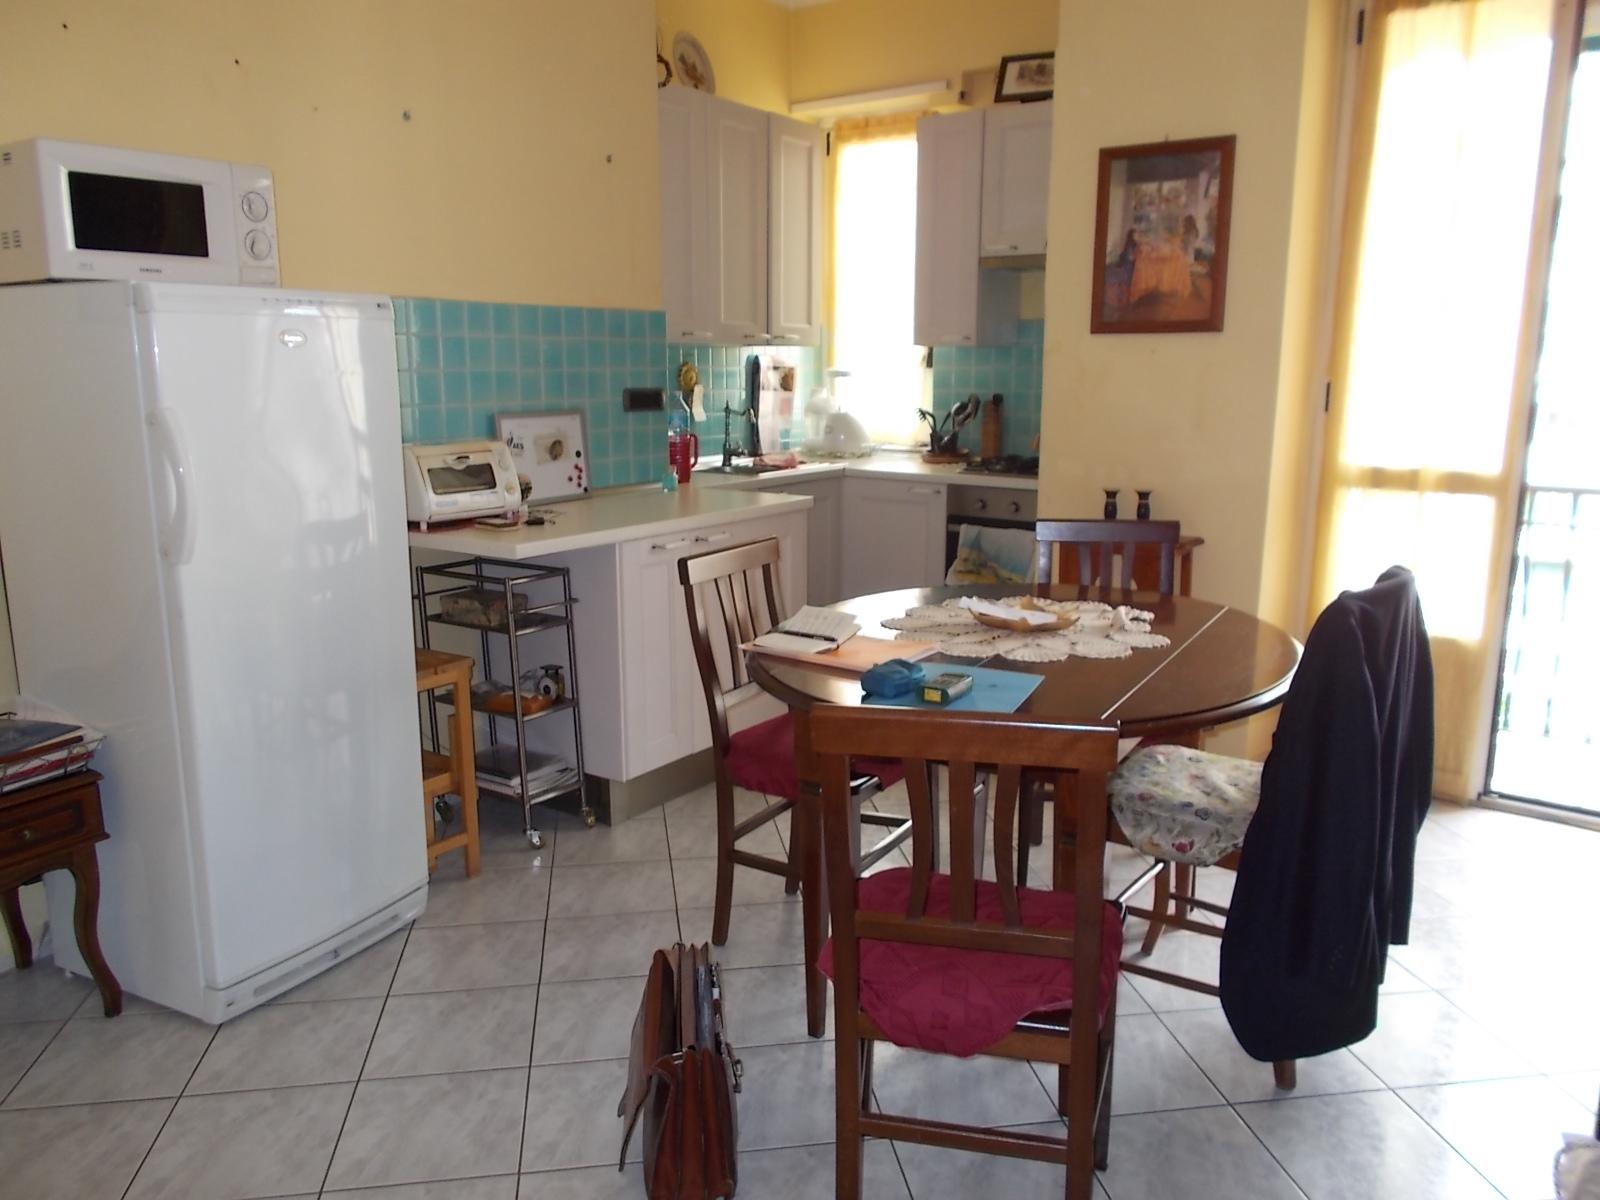 Affitto appartamento arredato lingotto bertolino for Affitto collegno arredato